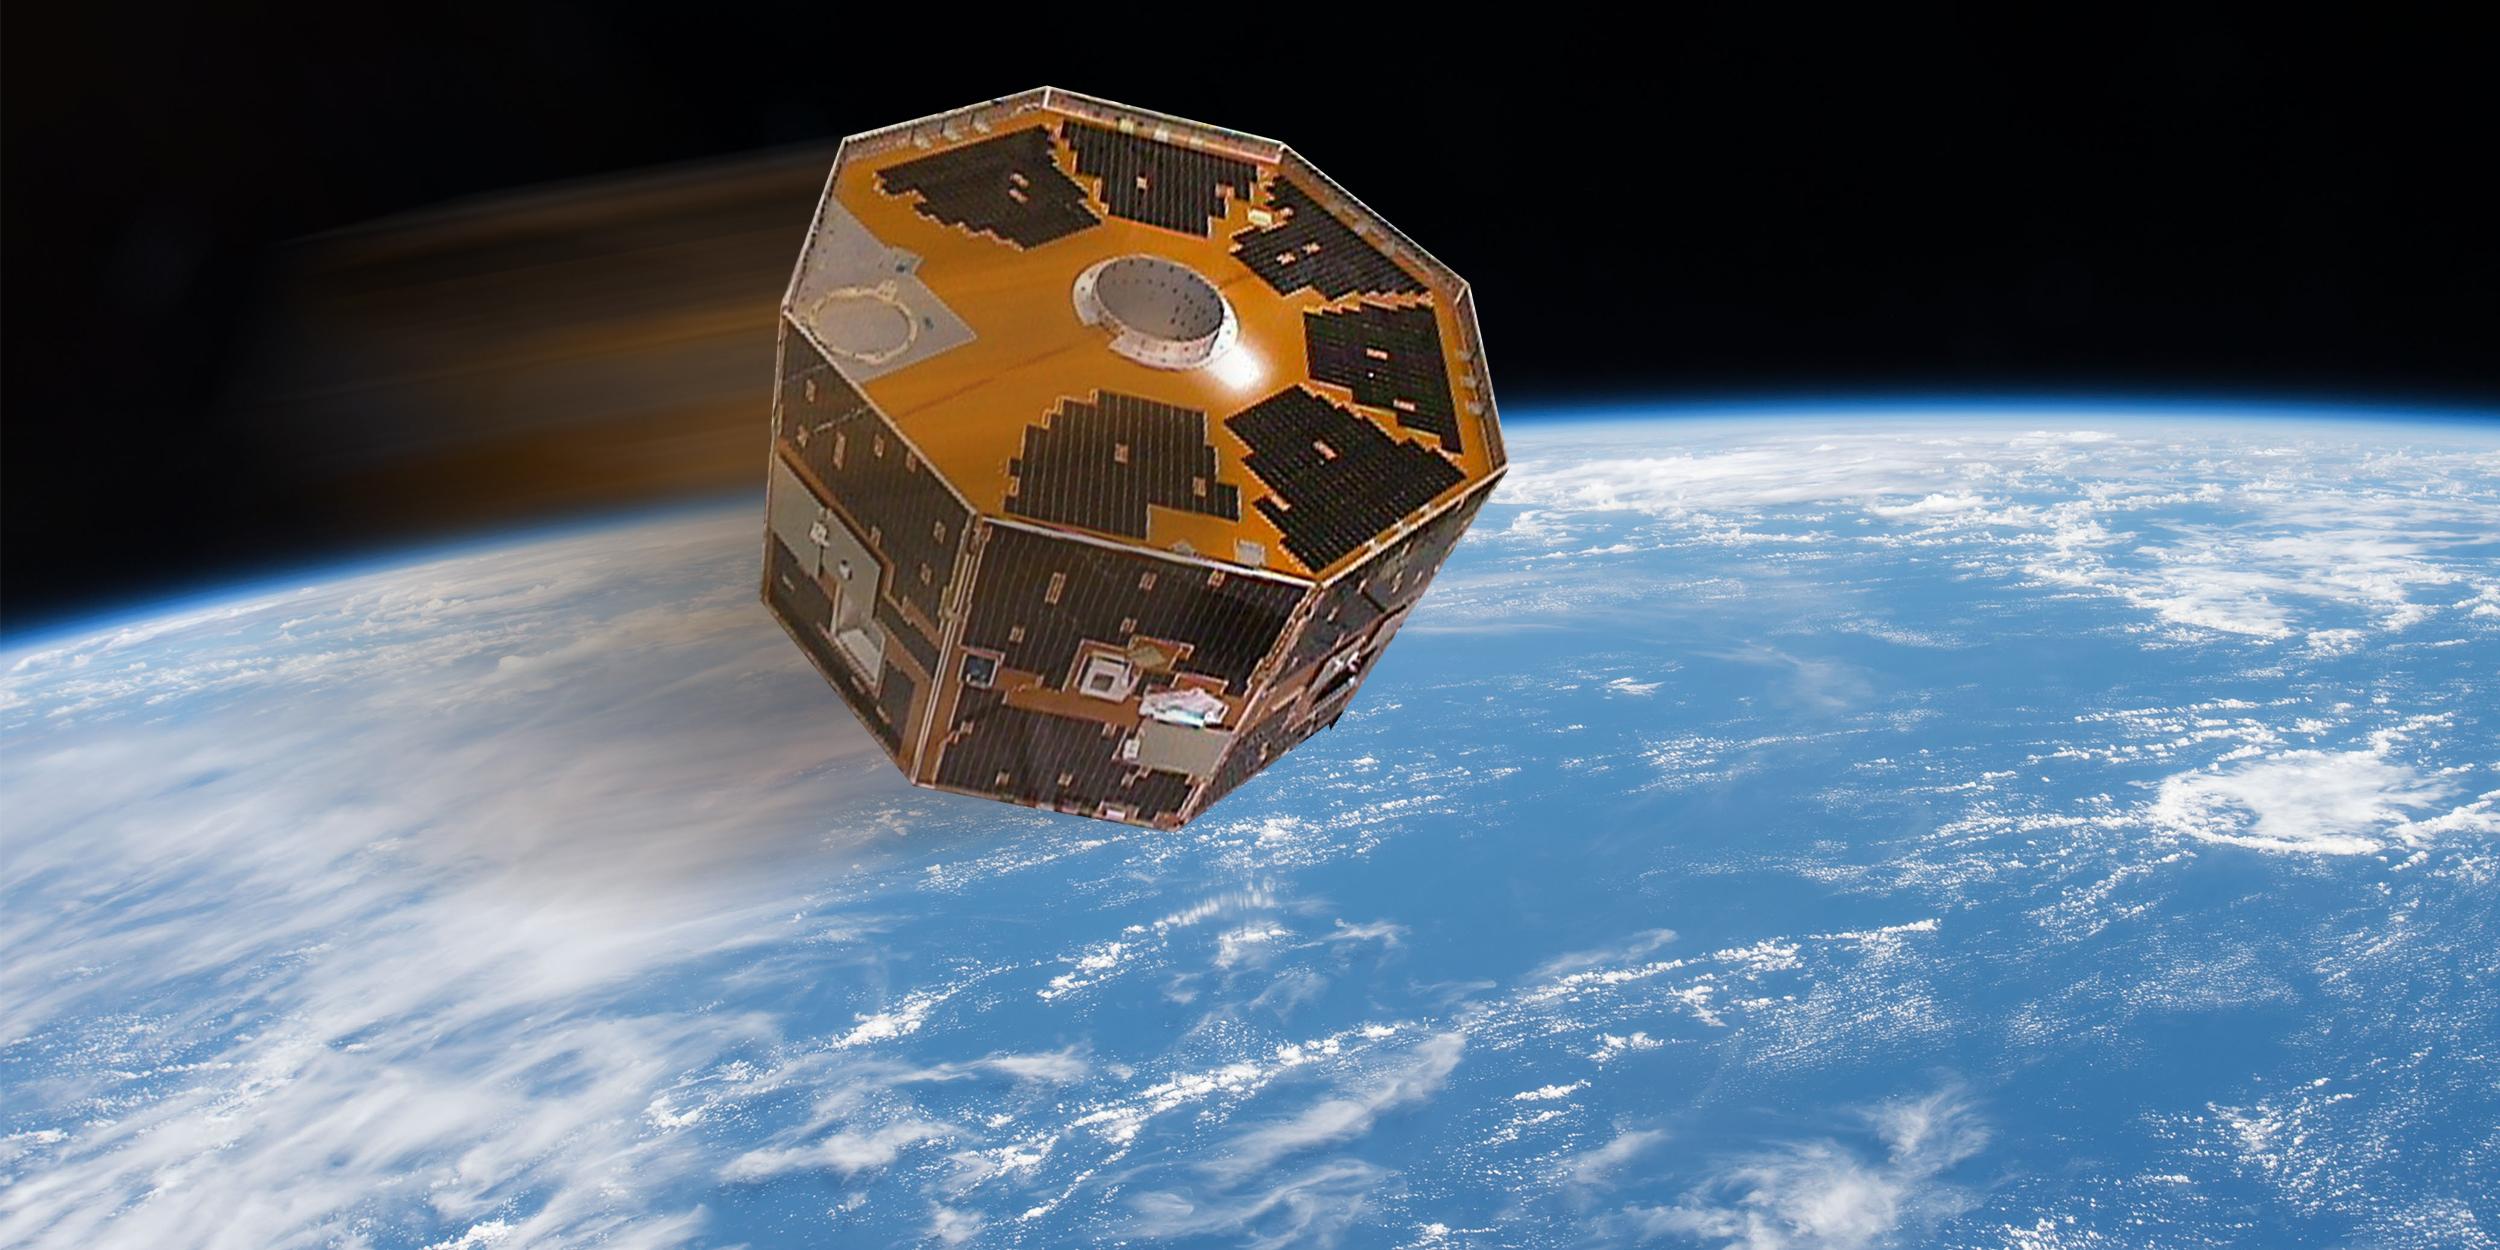 nasa satellite images - HD2500×1250